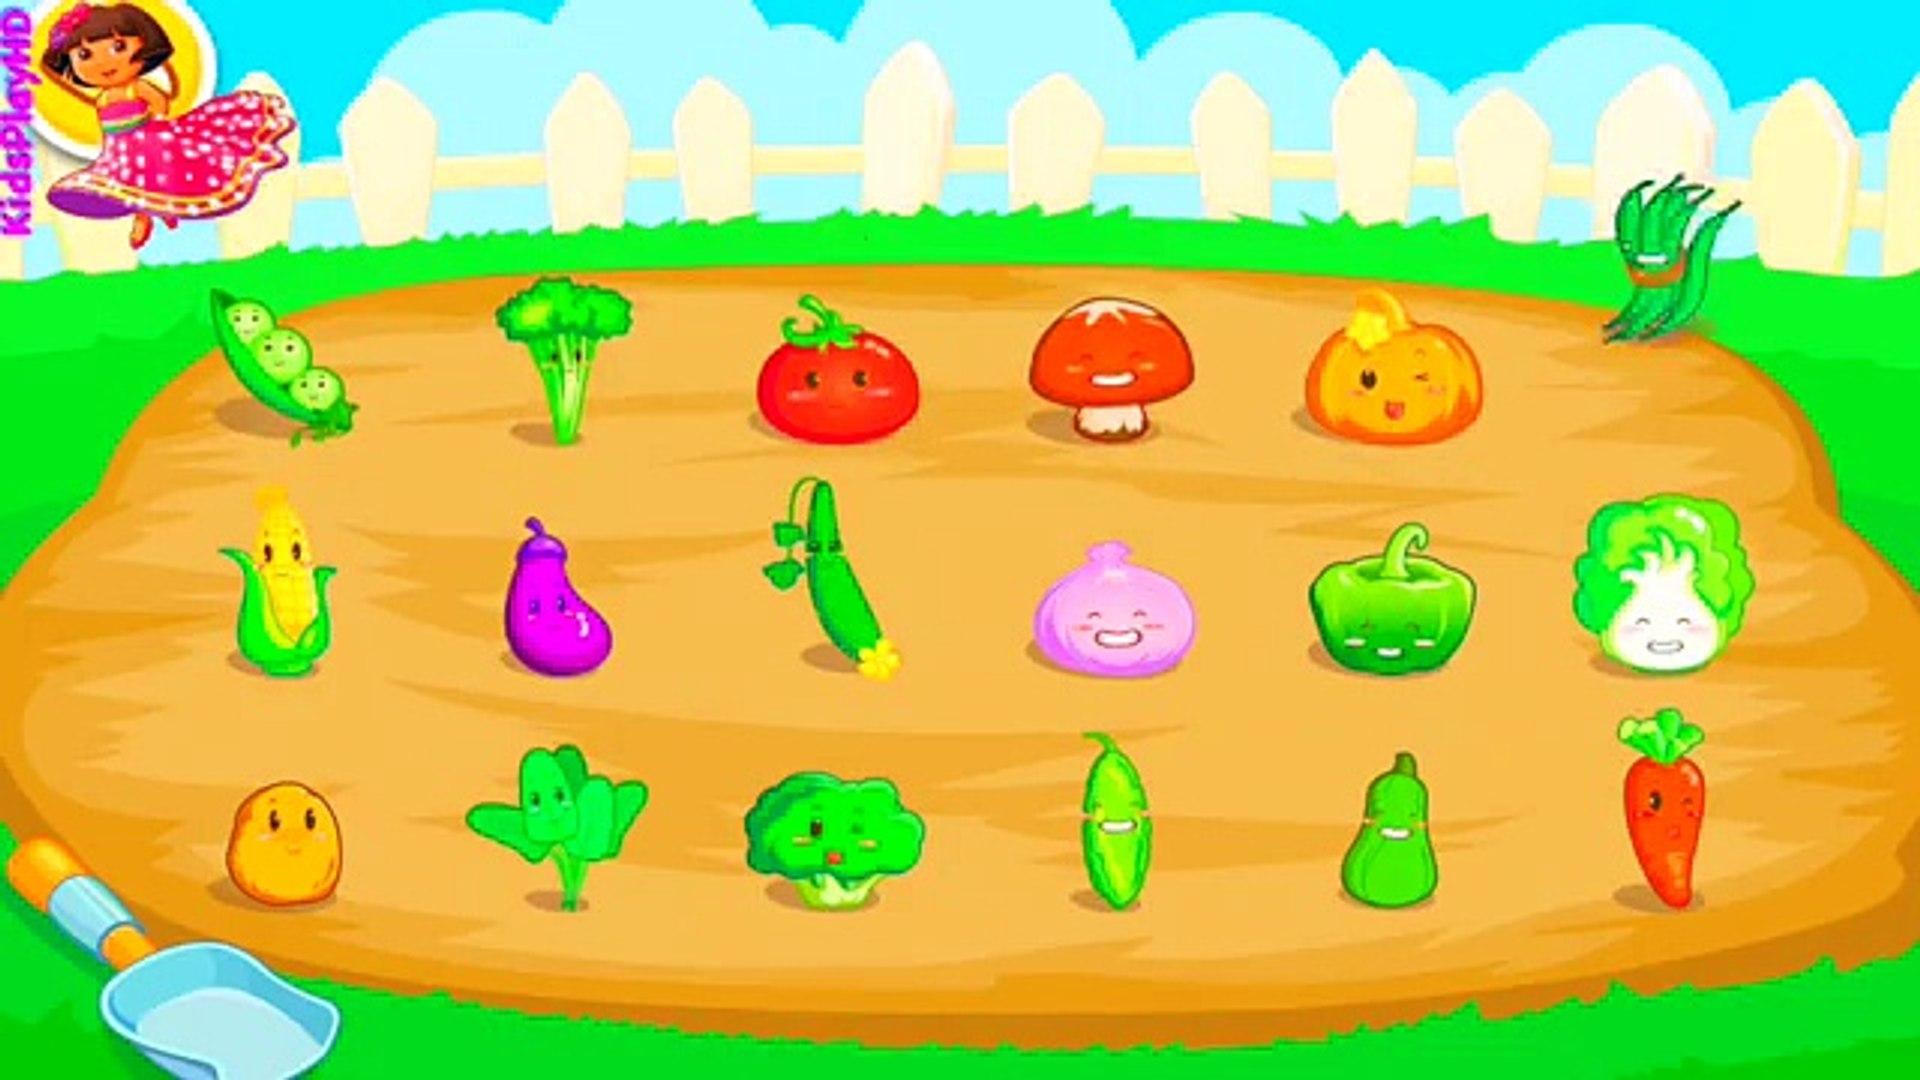 РАЗВИВАЮЩИЕ ИГРЫ. Овощи на грядке.ИГРЫ ДЛЯ ДЕТЕЙ | KIDS VIDEO | KIDS CHANNEL